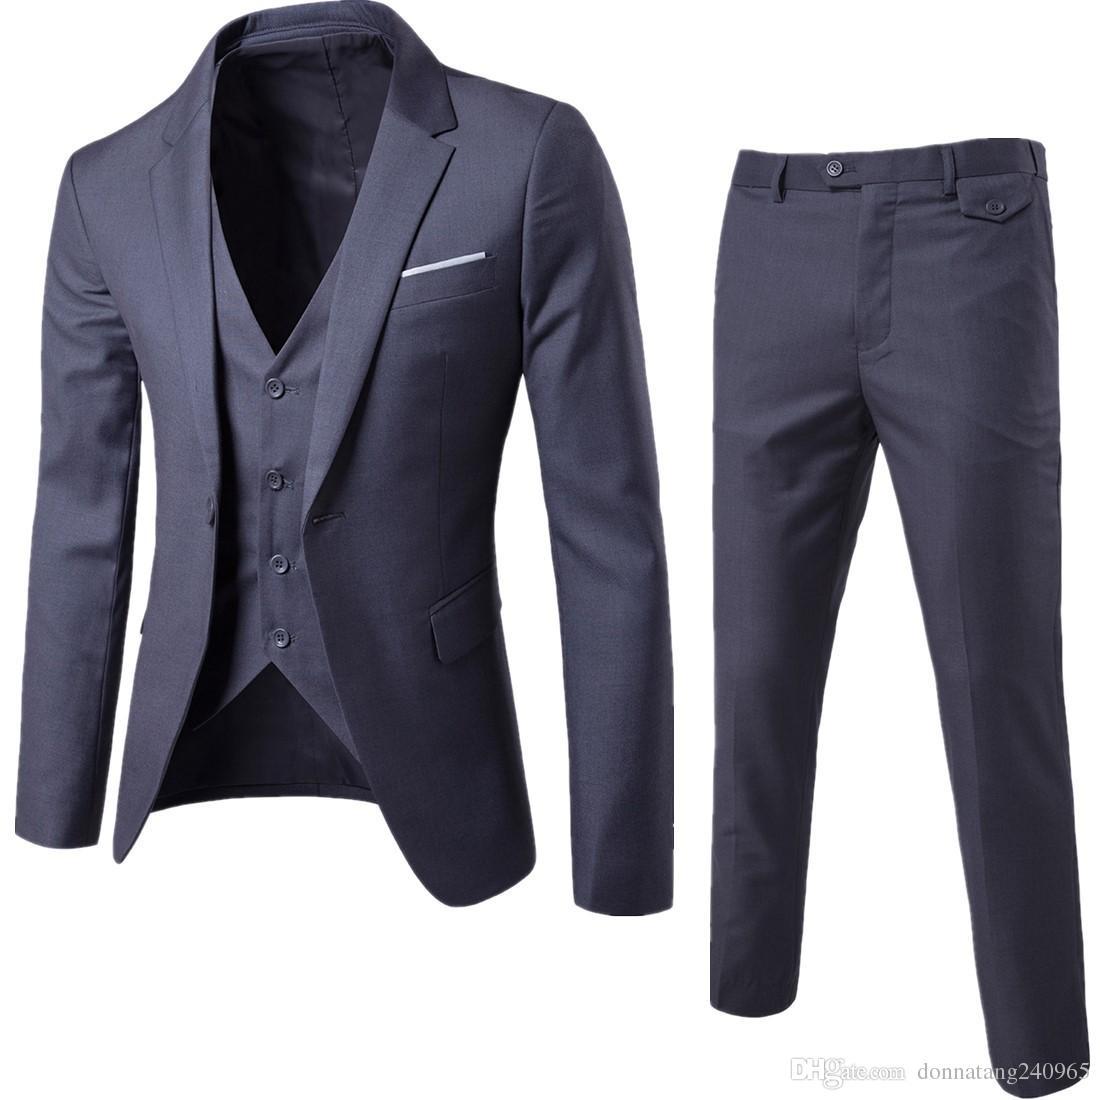 2018 Nova Moda Designer Homens Terno Do Noivo Smoking Padrinhos Ventilador Side Slim Fit Melhor Homem Terno de Casamento dos homens Ternos Noivo Jaqueta + Calça + colete